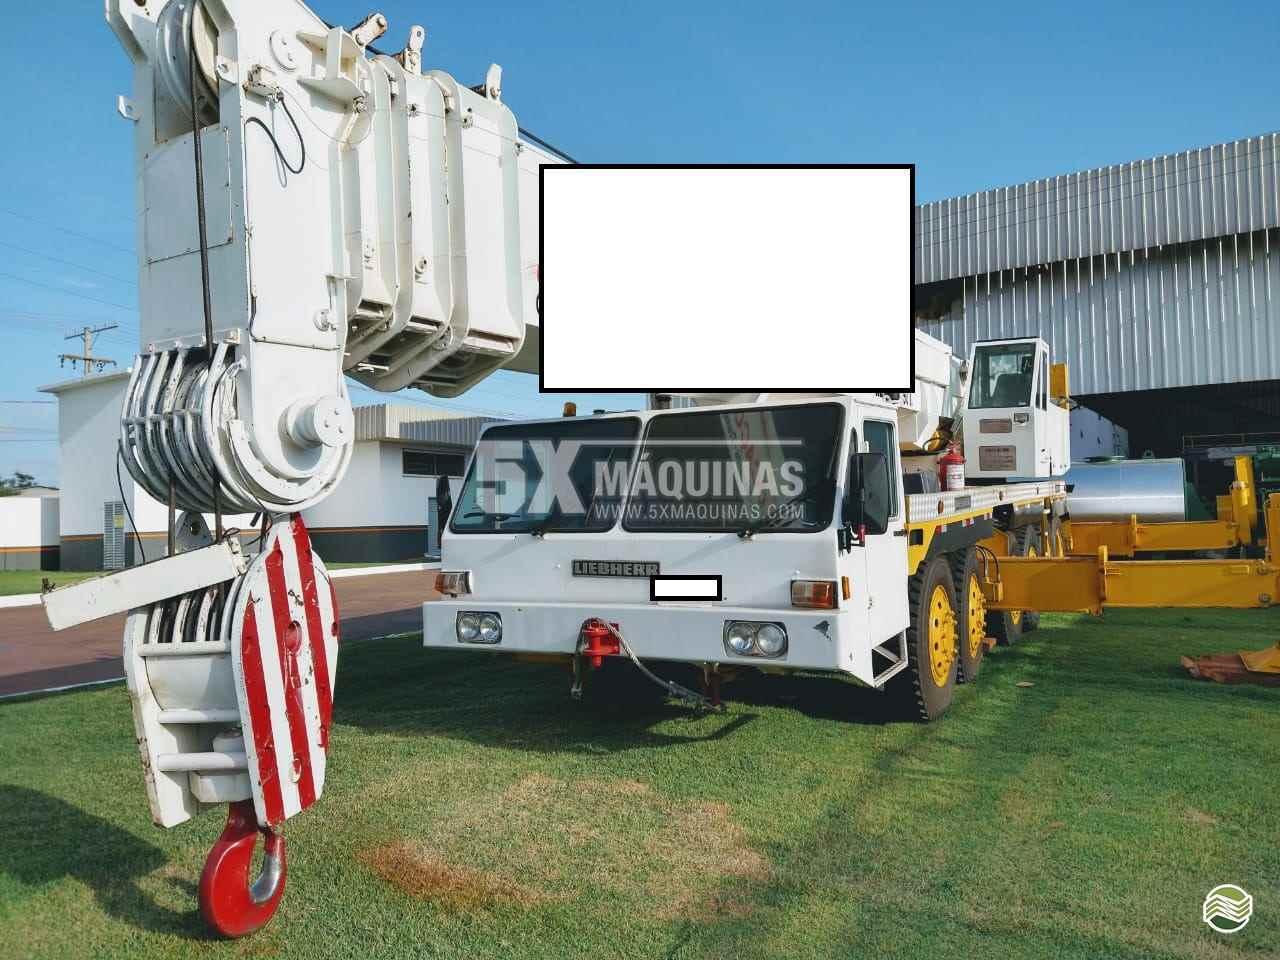 GUINDASTE LIEBHERR LTM 1090 5X Máquinas  CAMPO GRANDE MATO GROSSO DO SUL MS